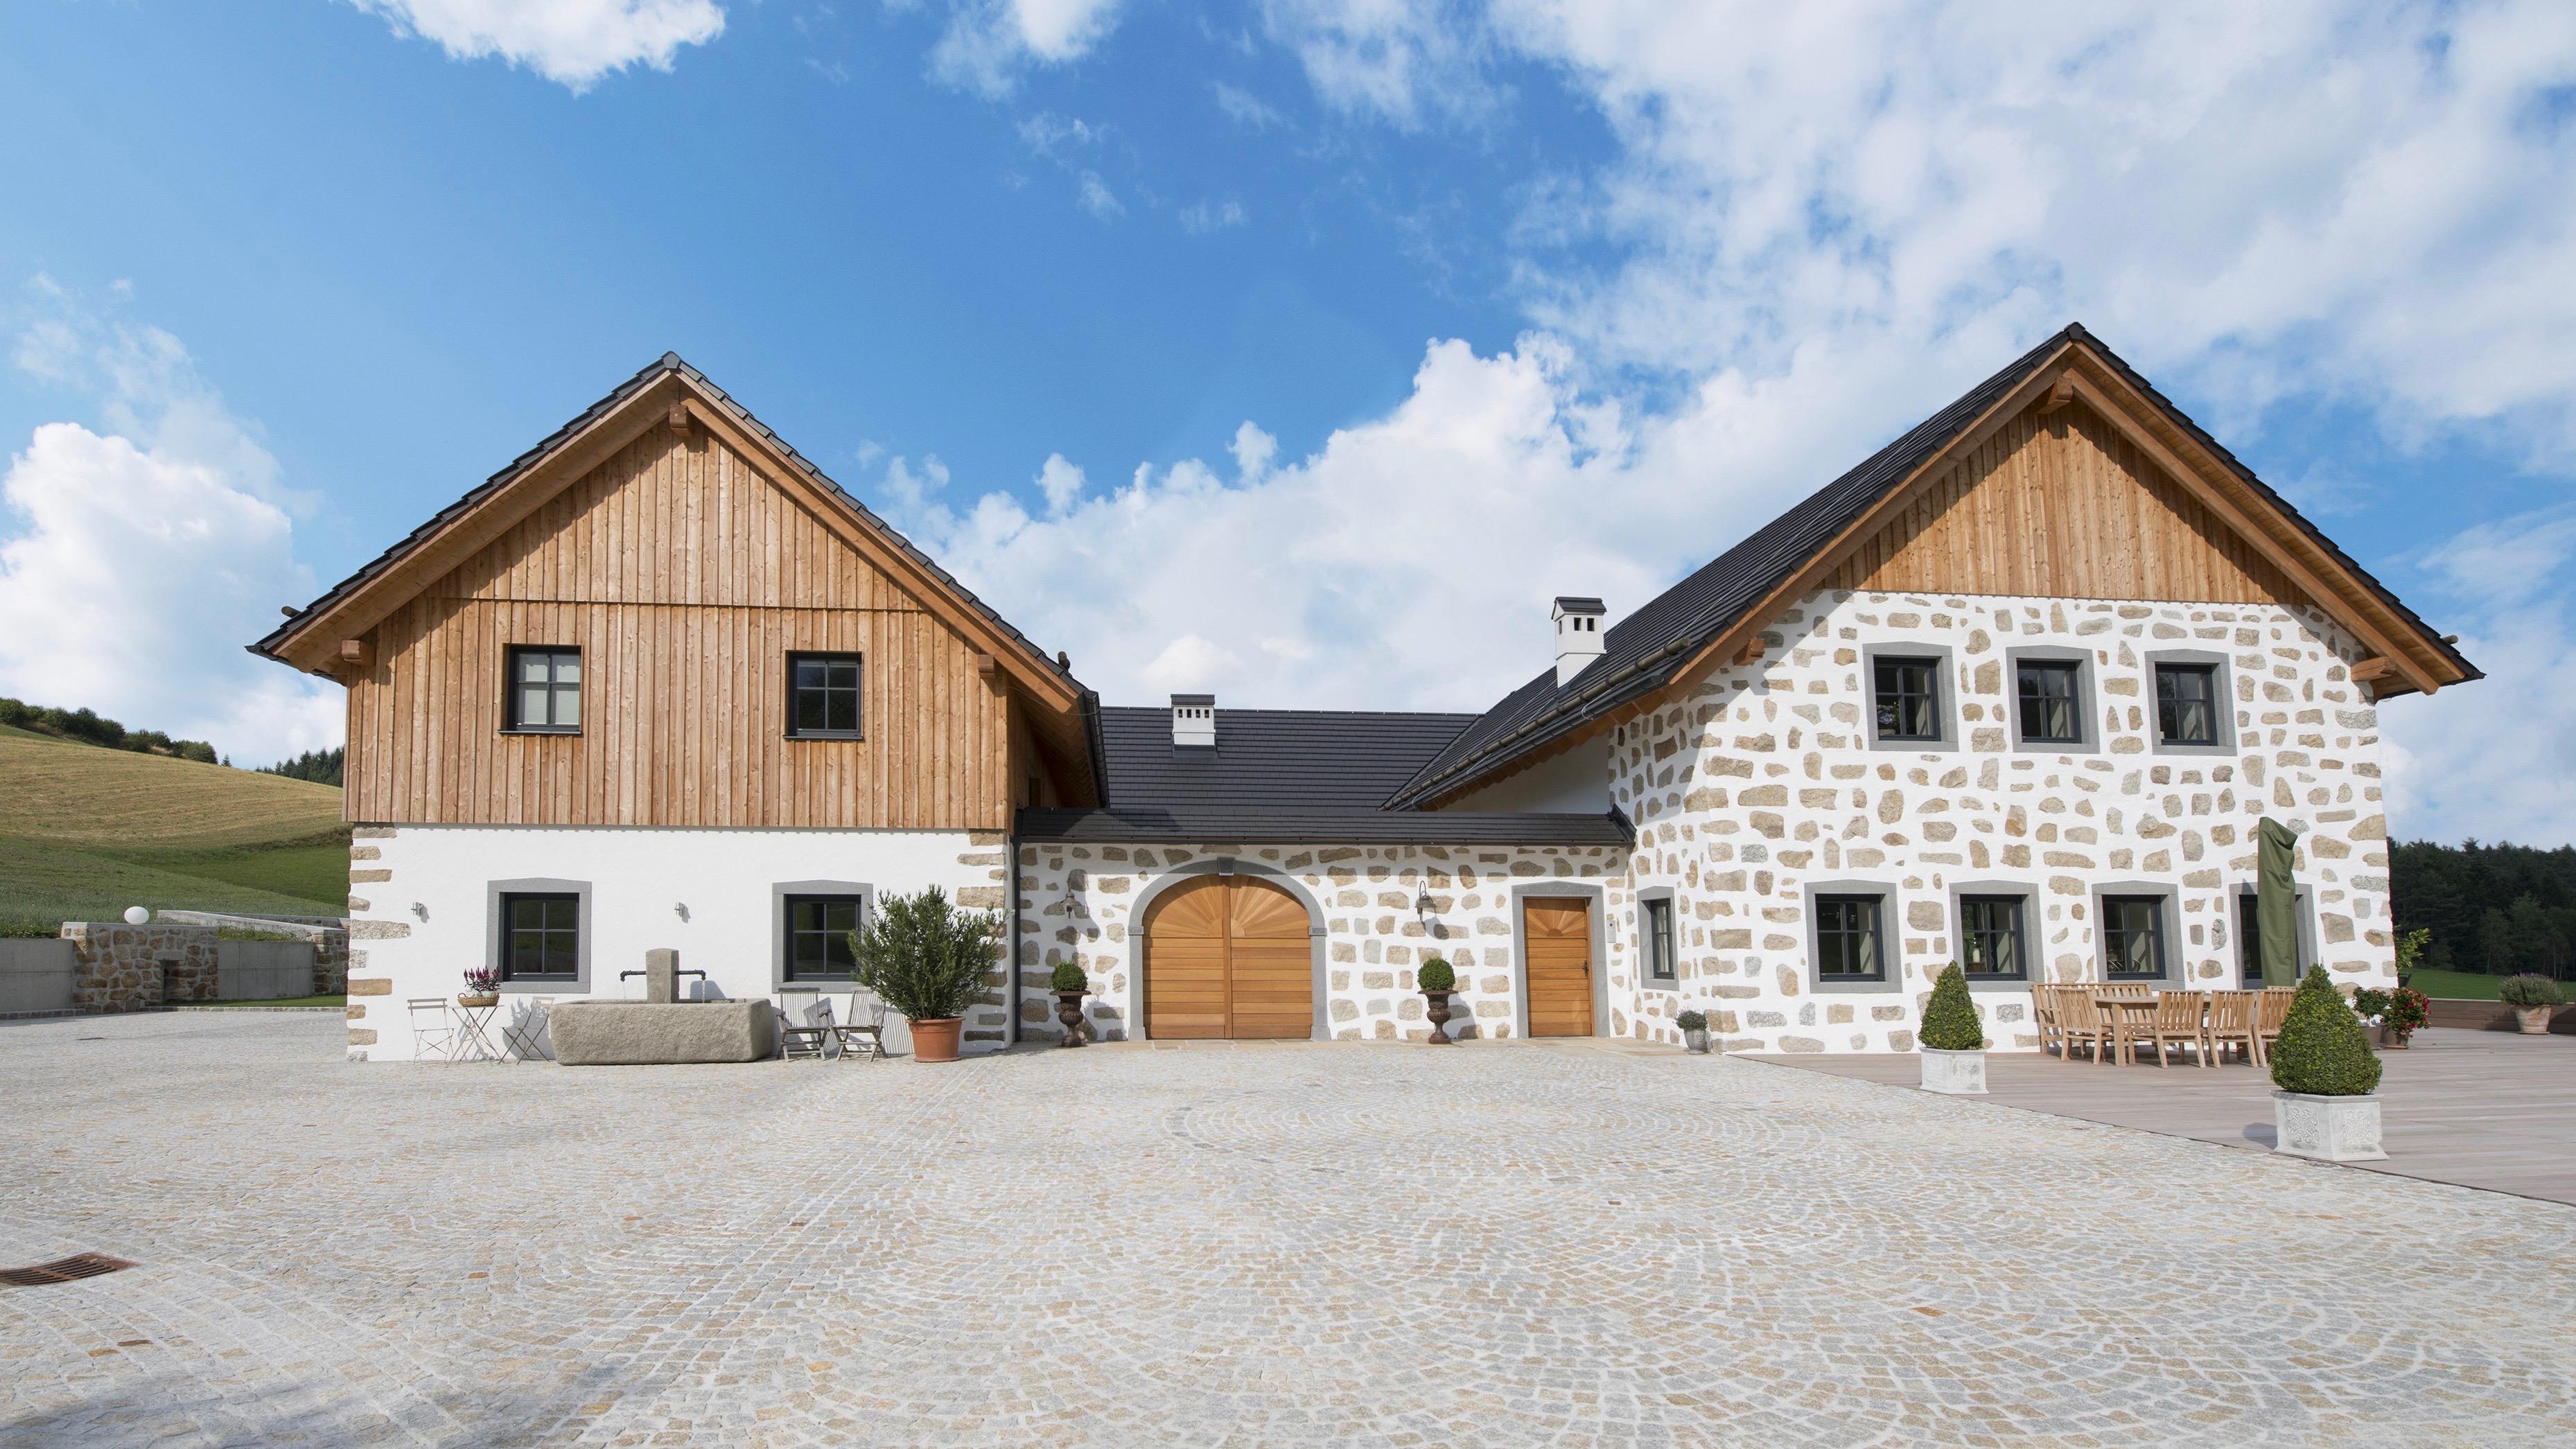 Haus mit teilweise Holzverkleidung